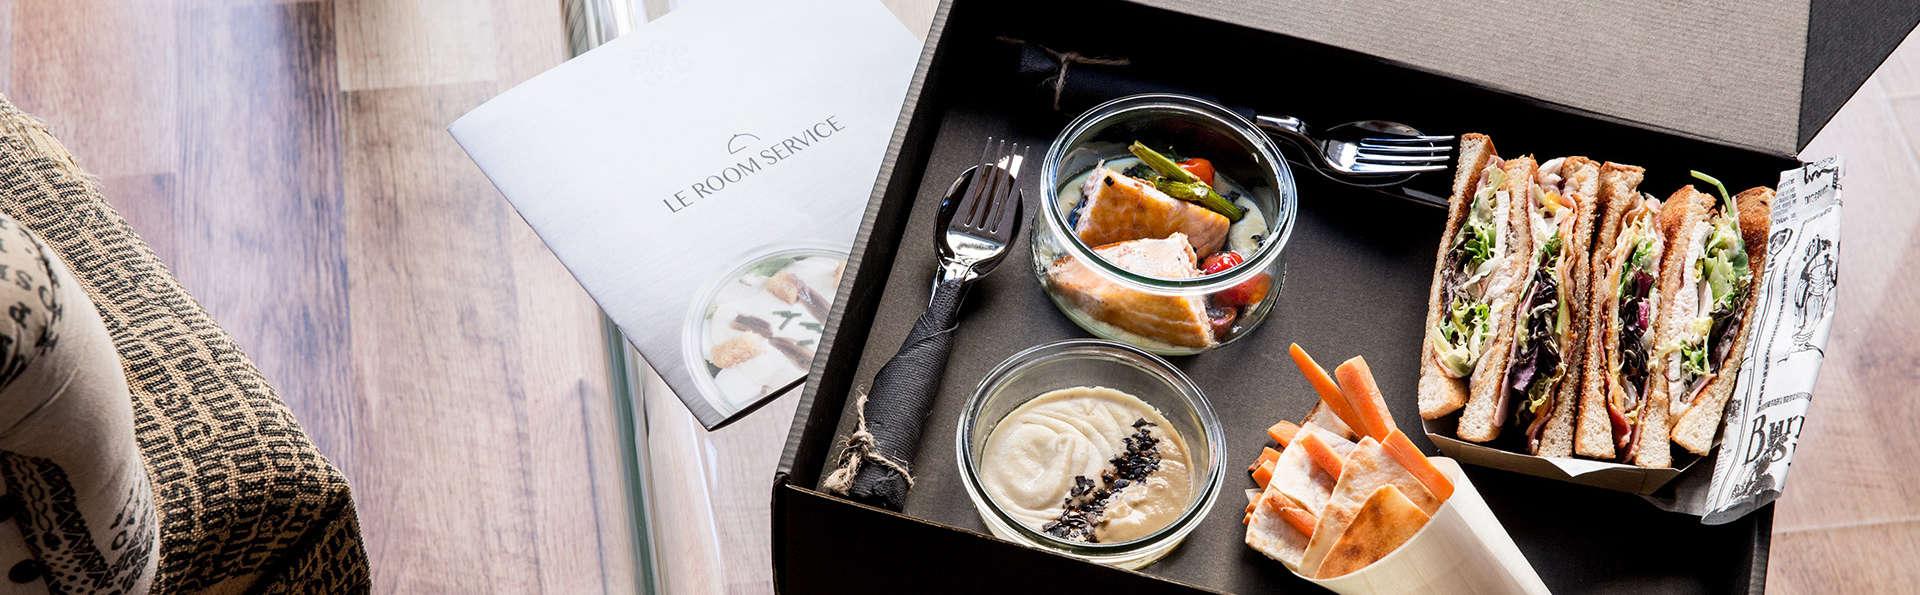 Escápate a Madrid en pleno centro con cena en habitación y desayuno incluidos